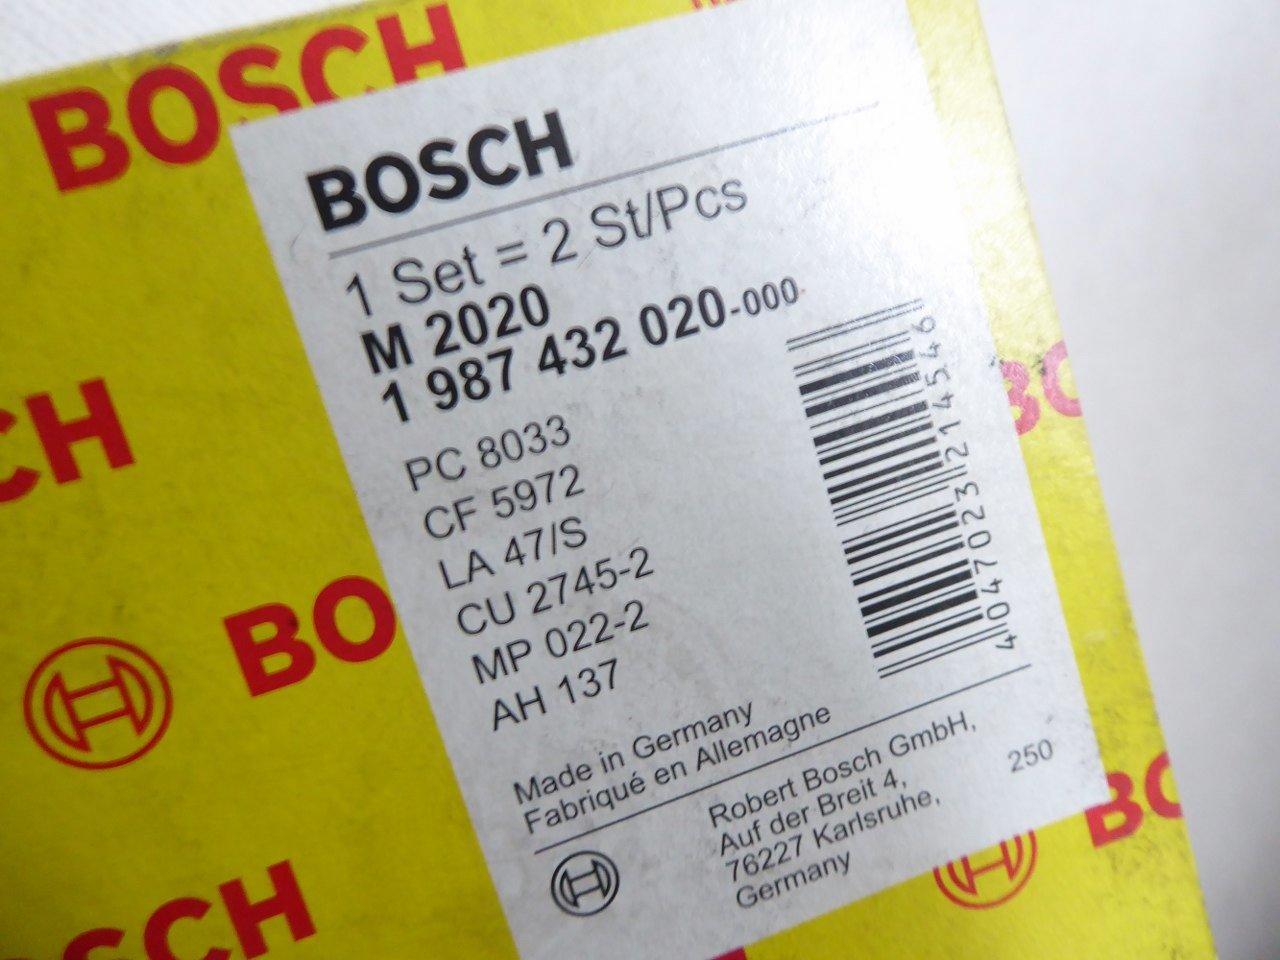 Innenraumluft 1 987 432 020 für MERCEDES-BENZ BOSCH Filter